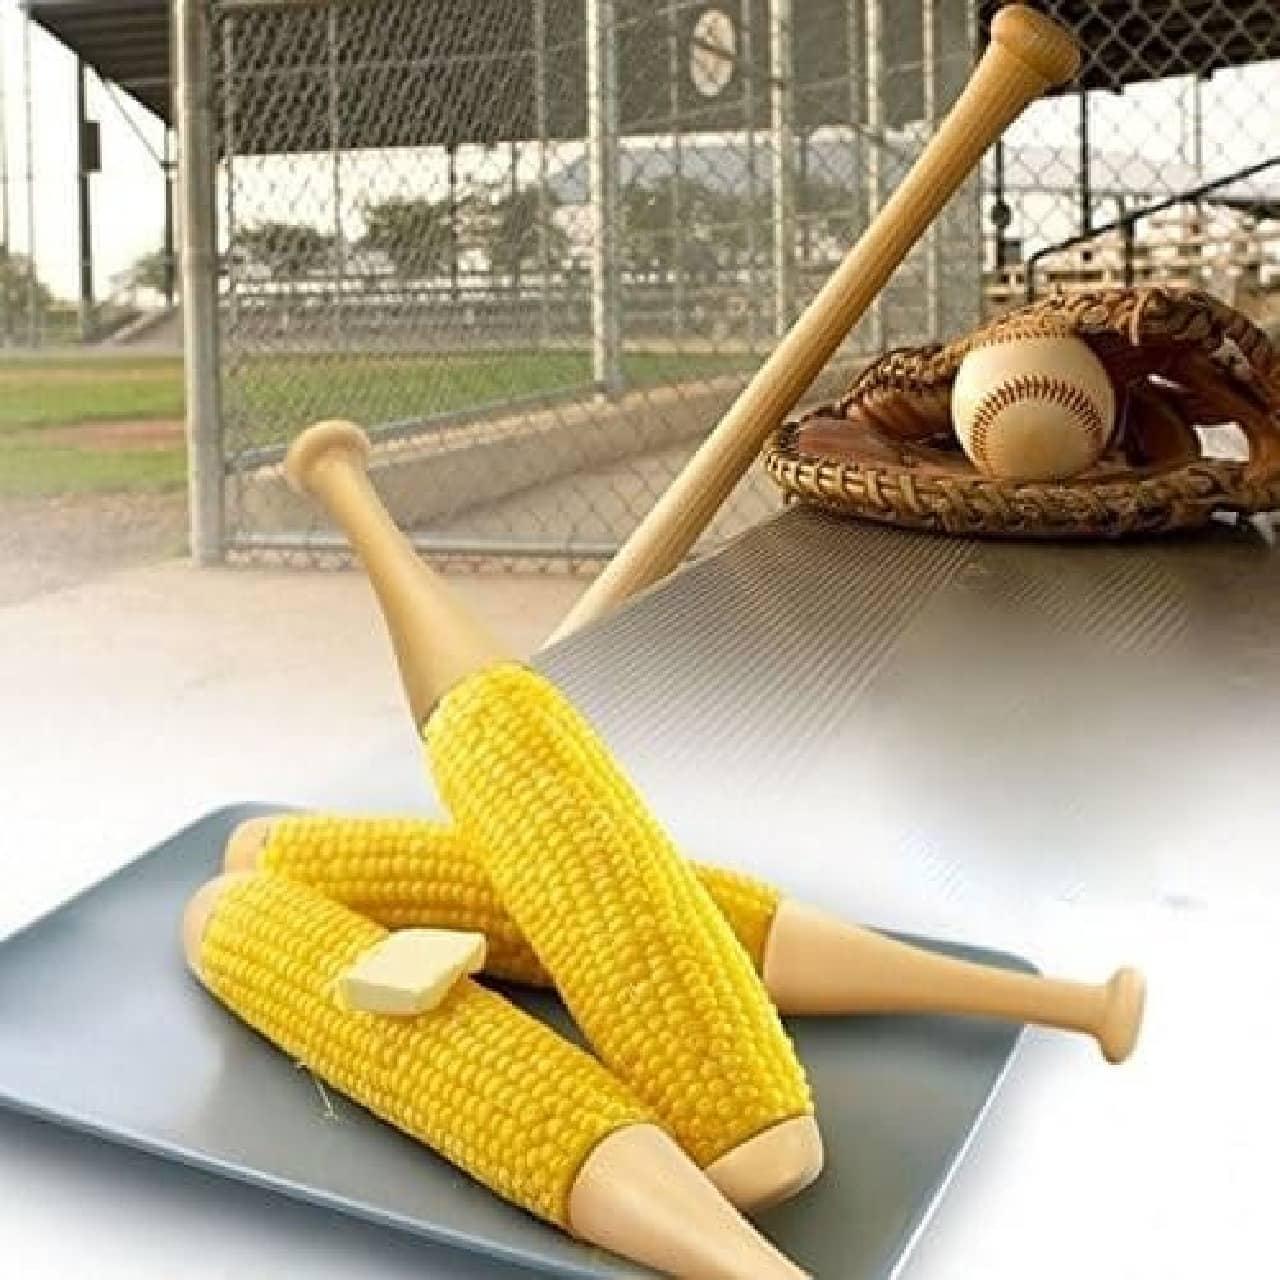 バット型とうもろこしホルダー「Baseball Bat Corn」